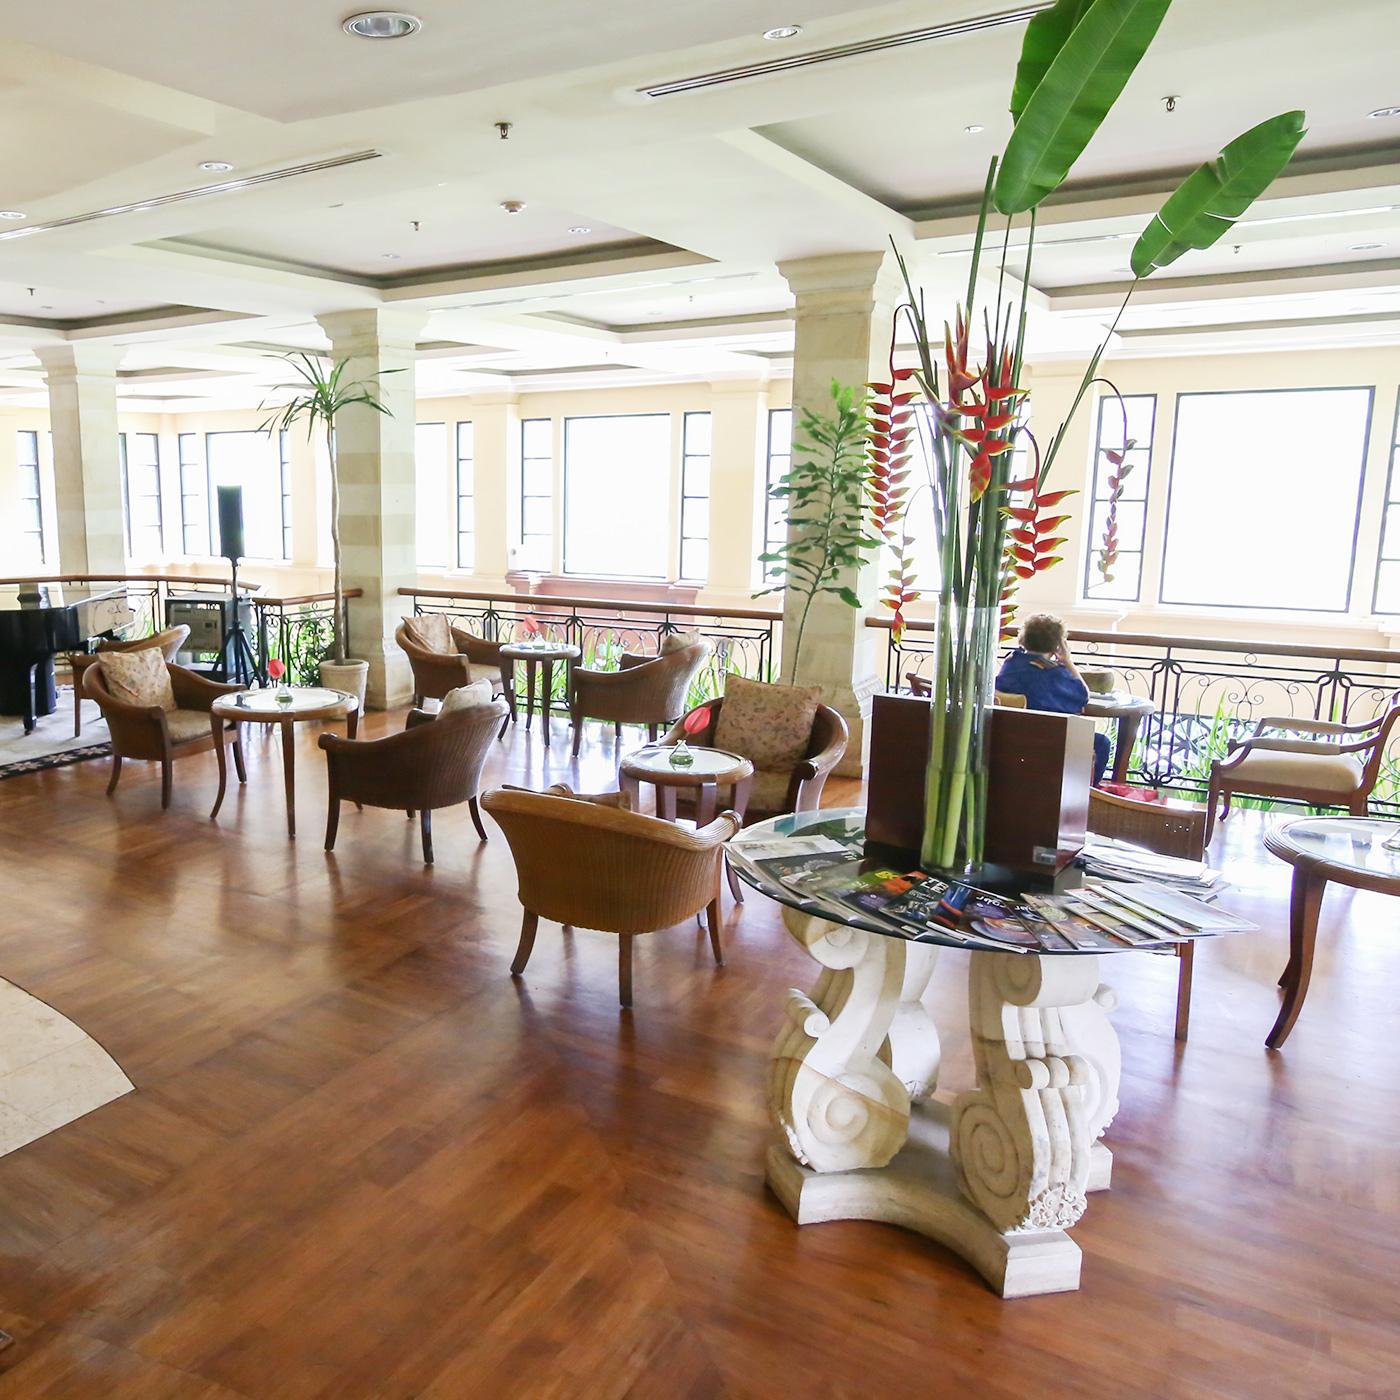 ロビーエリアは、大きな窓からたっぷり注がれる太陽の光と、落ち着いたリゾート感が心地よい。